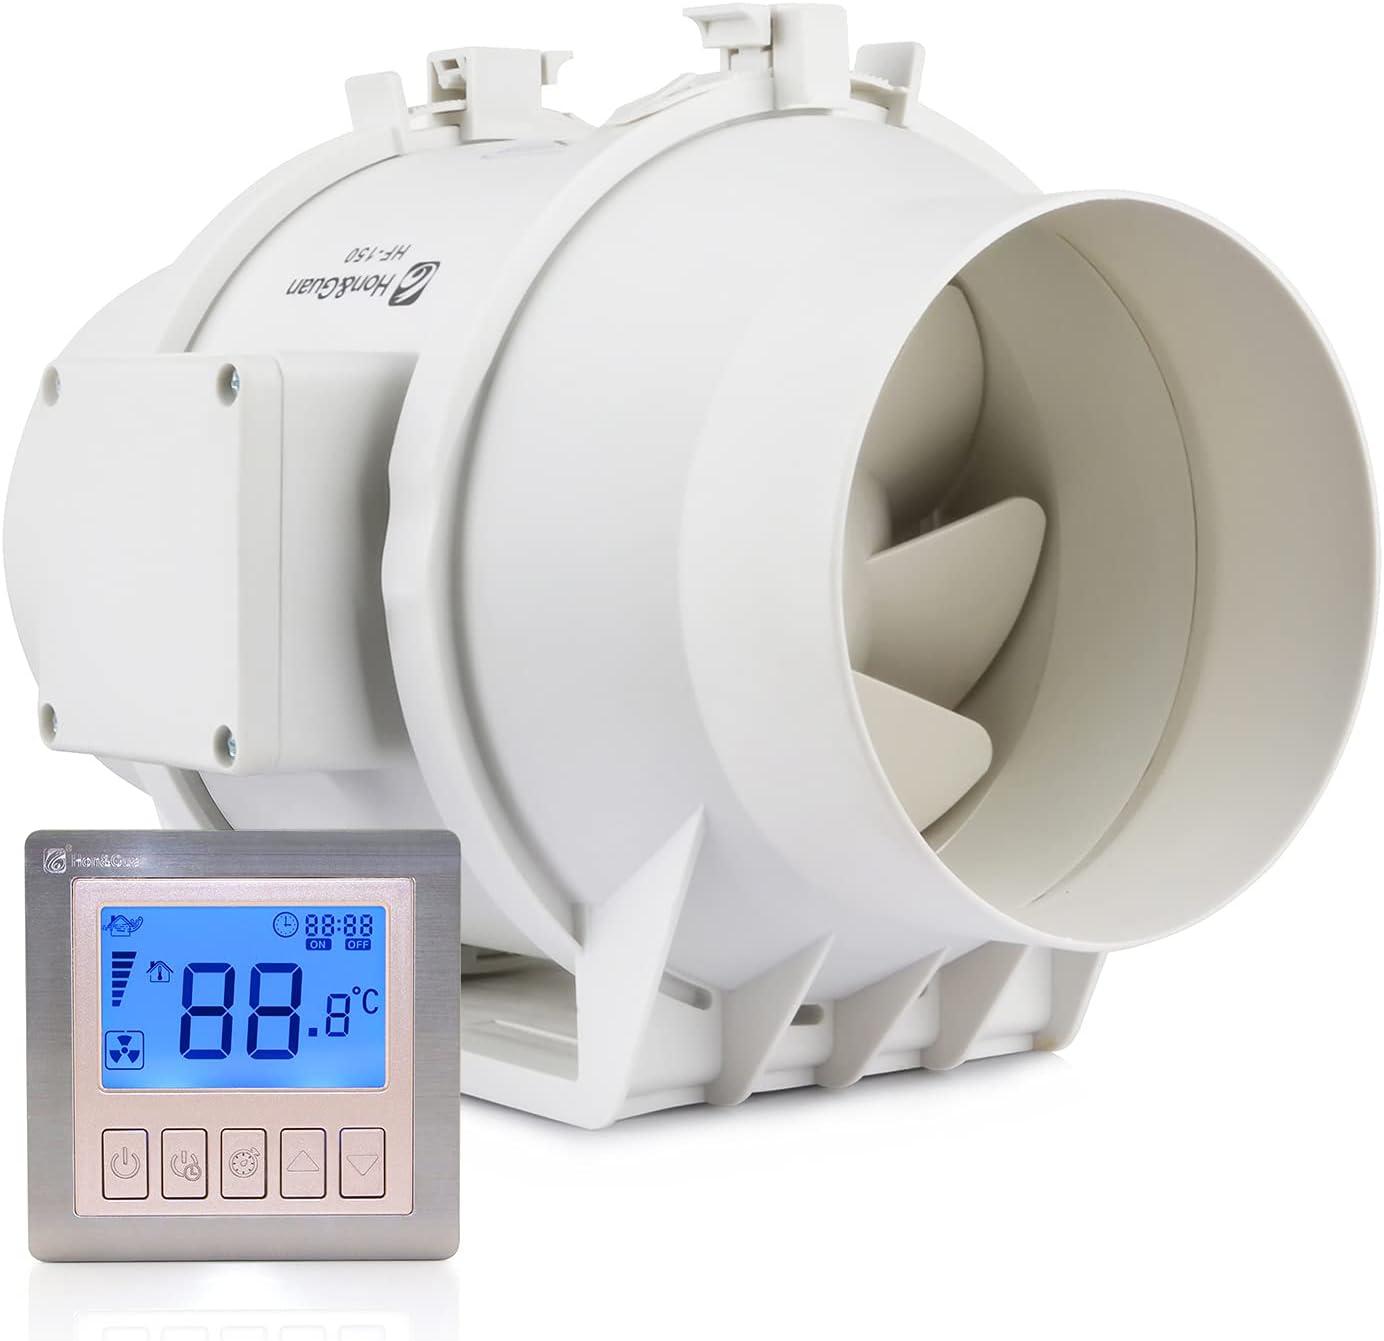 Ventilador de tubo – 410 – 530 m³/h – Ventilador extractor para extracción interior, ventilación y deshumidificación